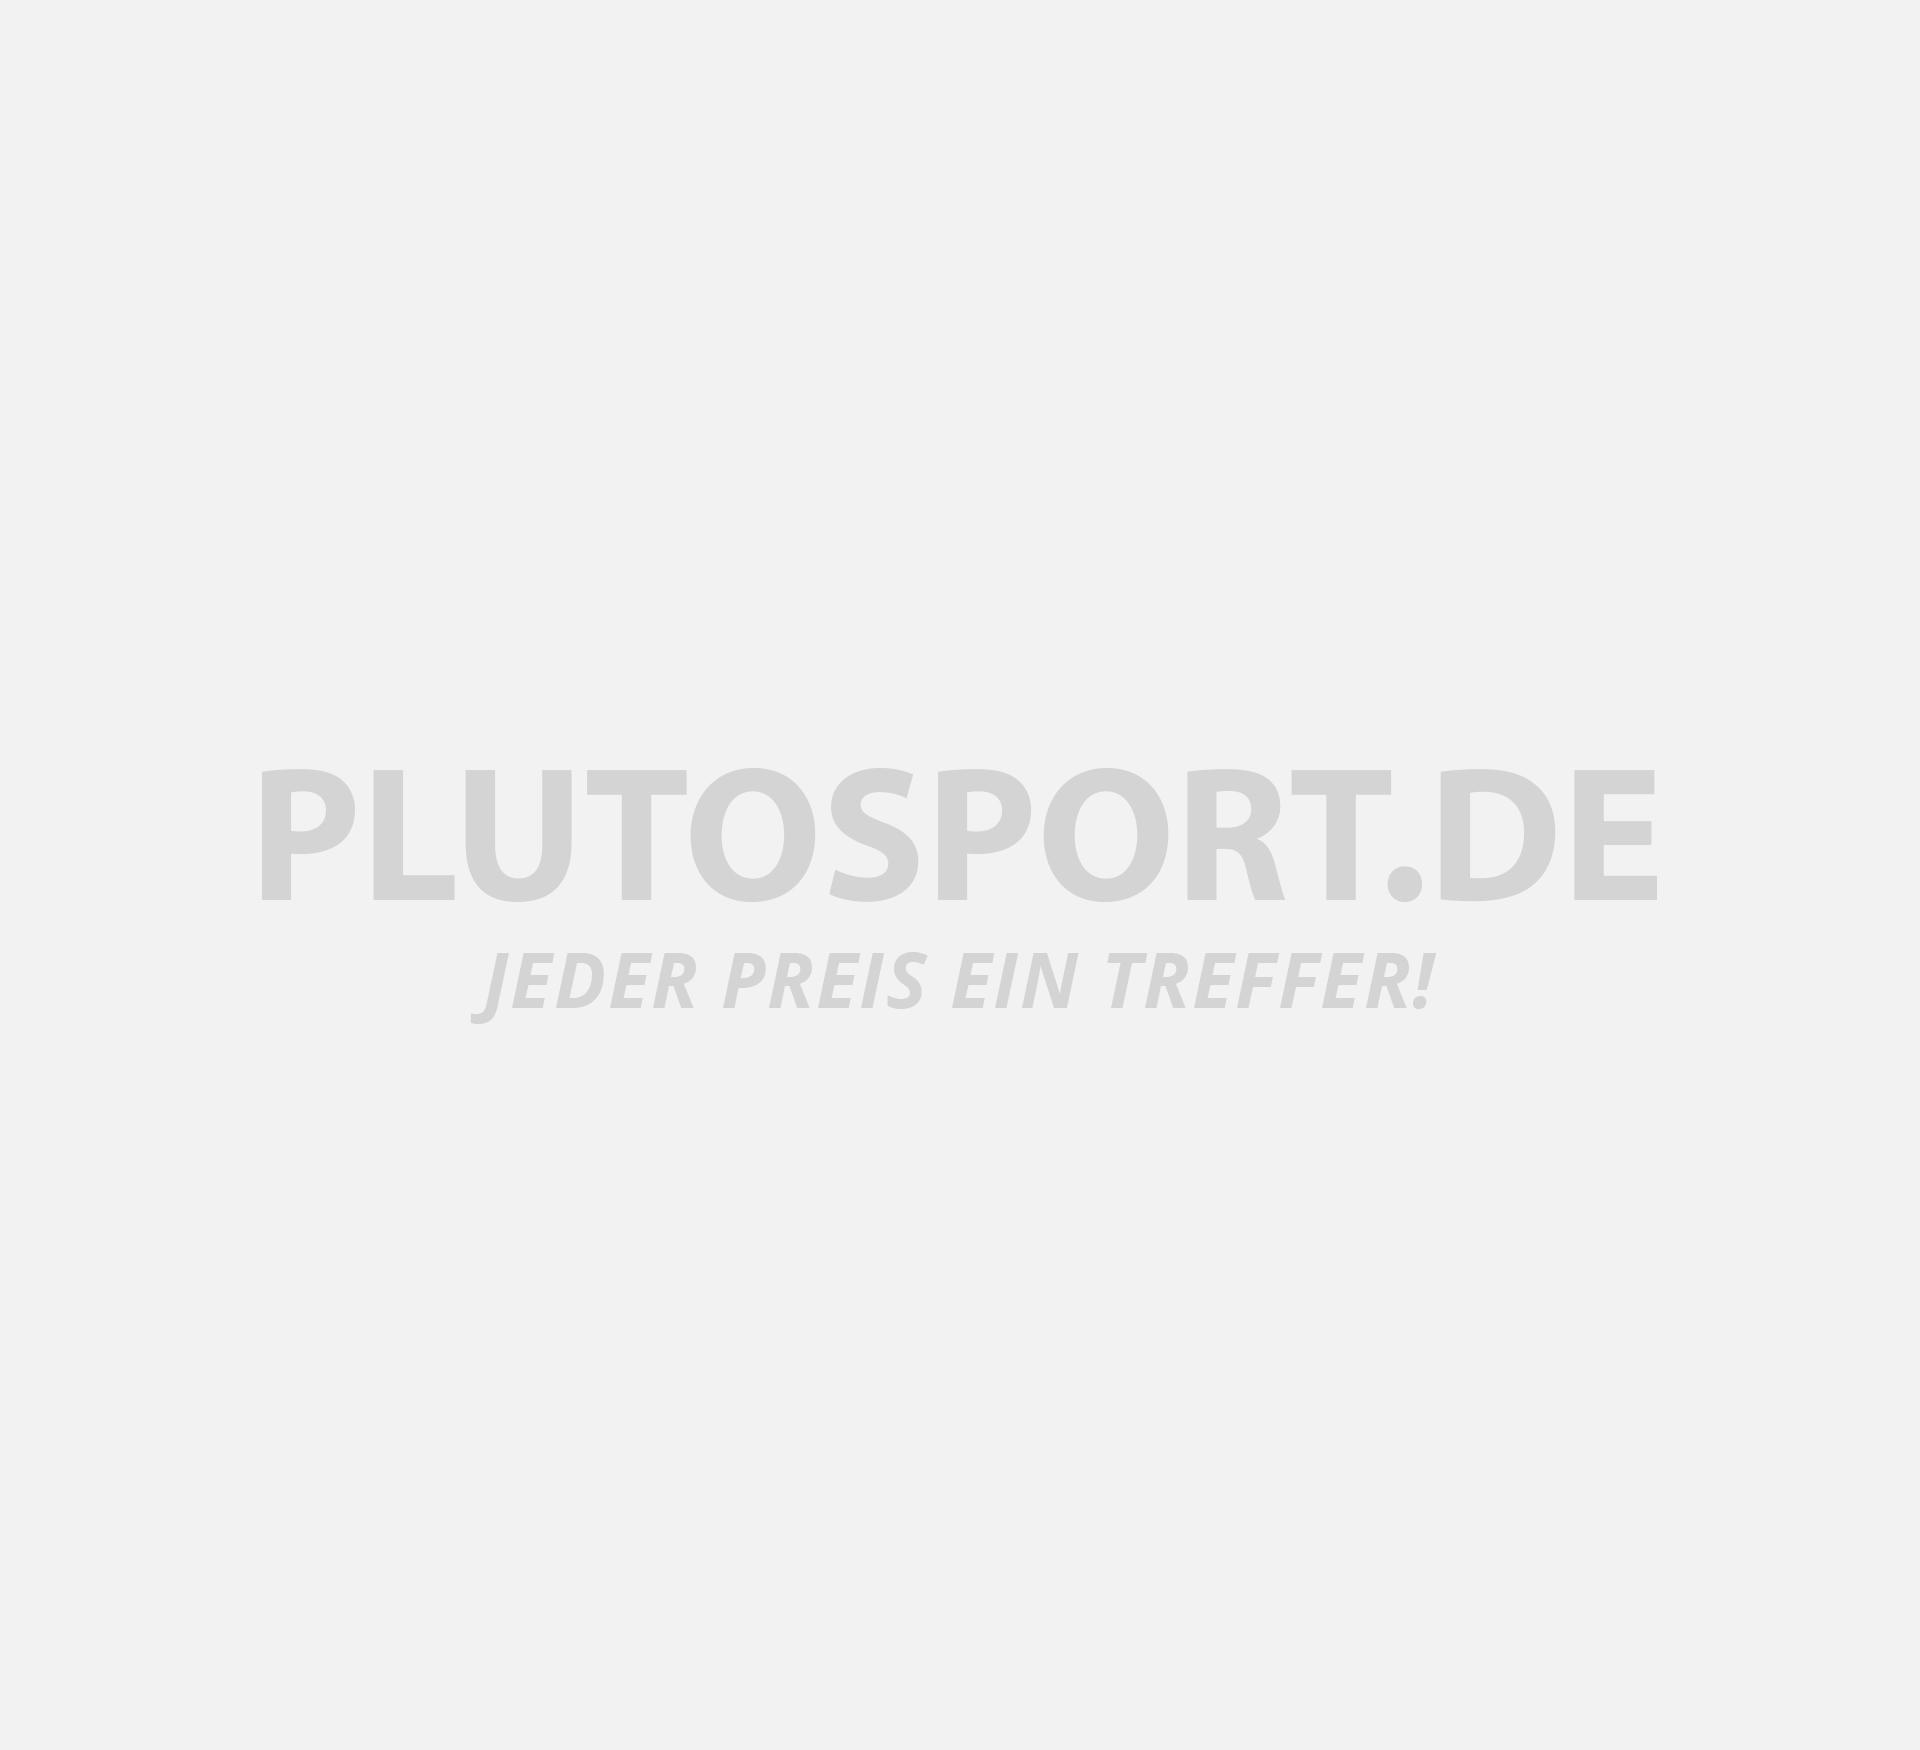 ADIDAS HERREN TURNSCHUHE FREIZEITSCHUHE SNEAKER LEDER ART